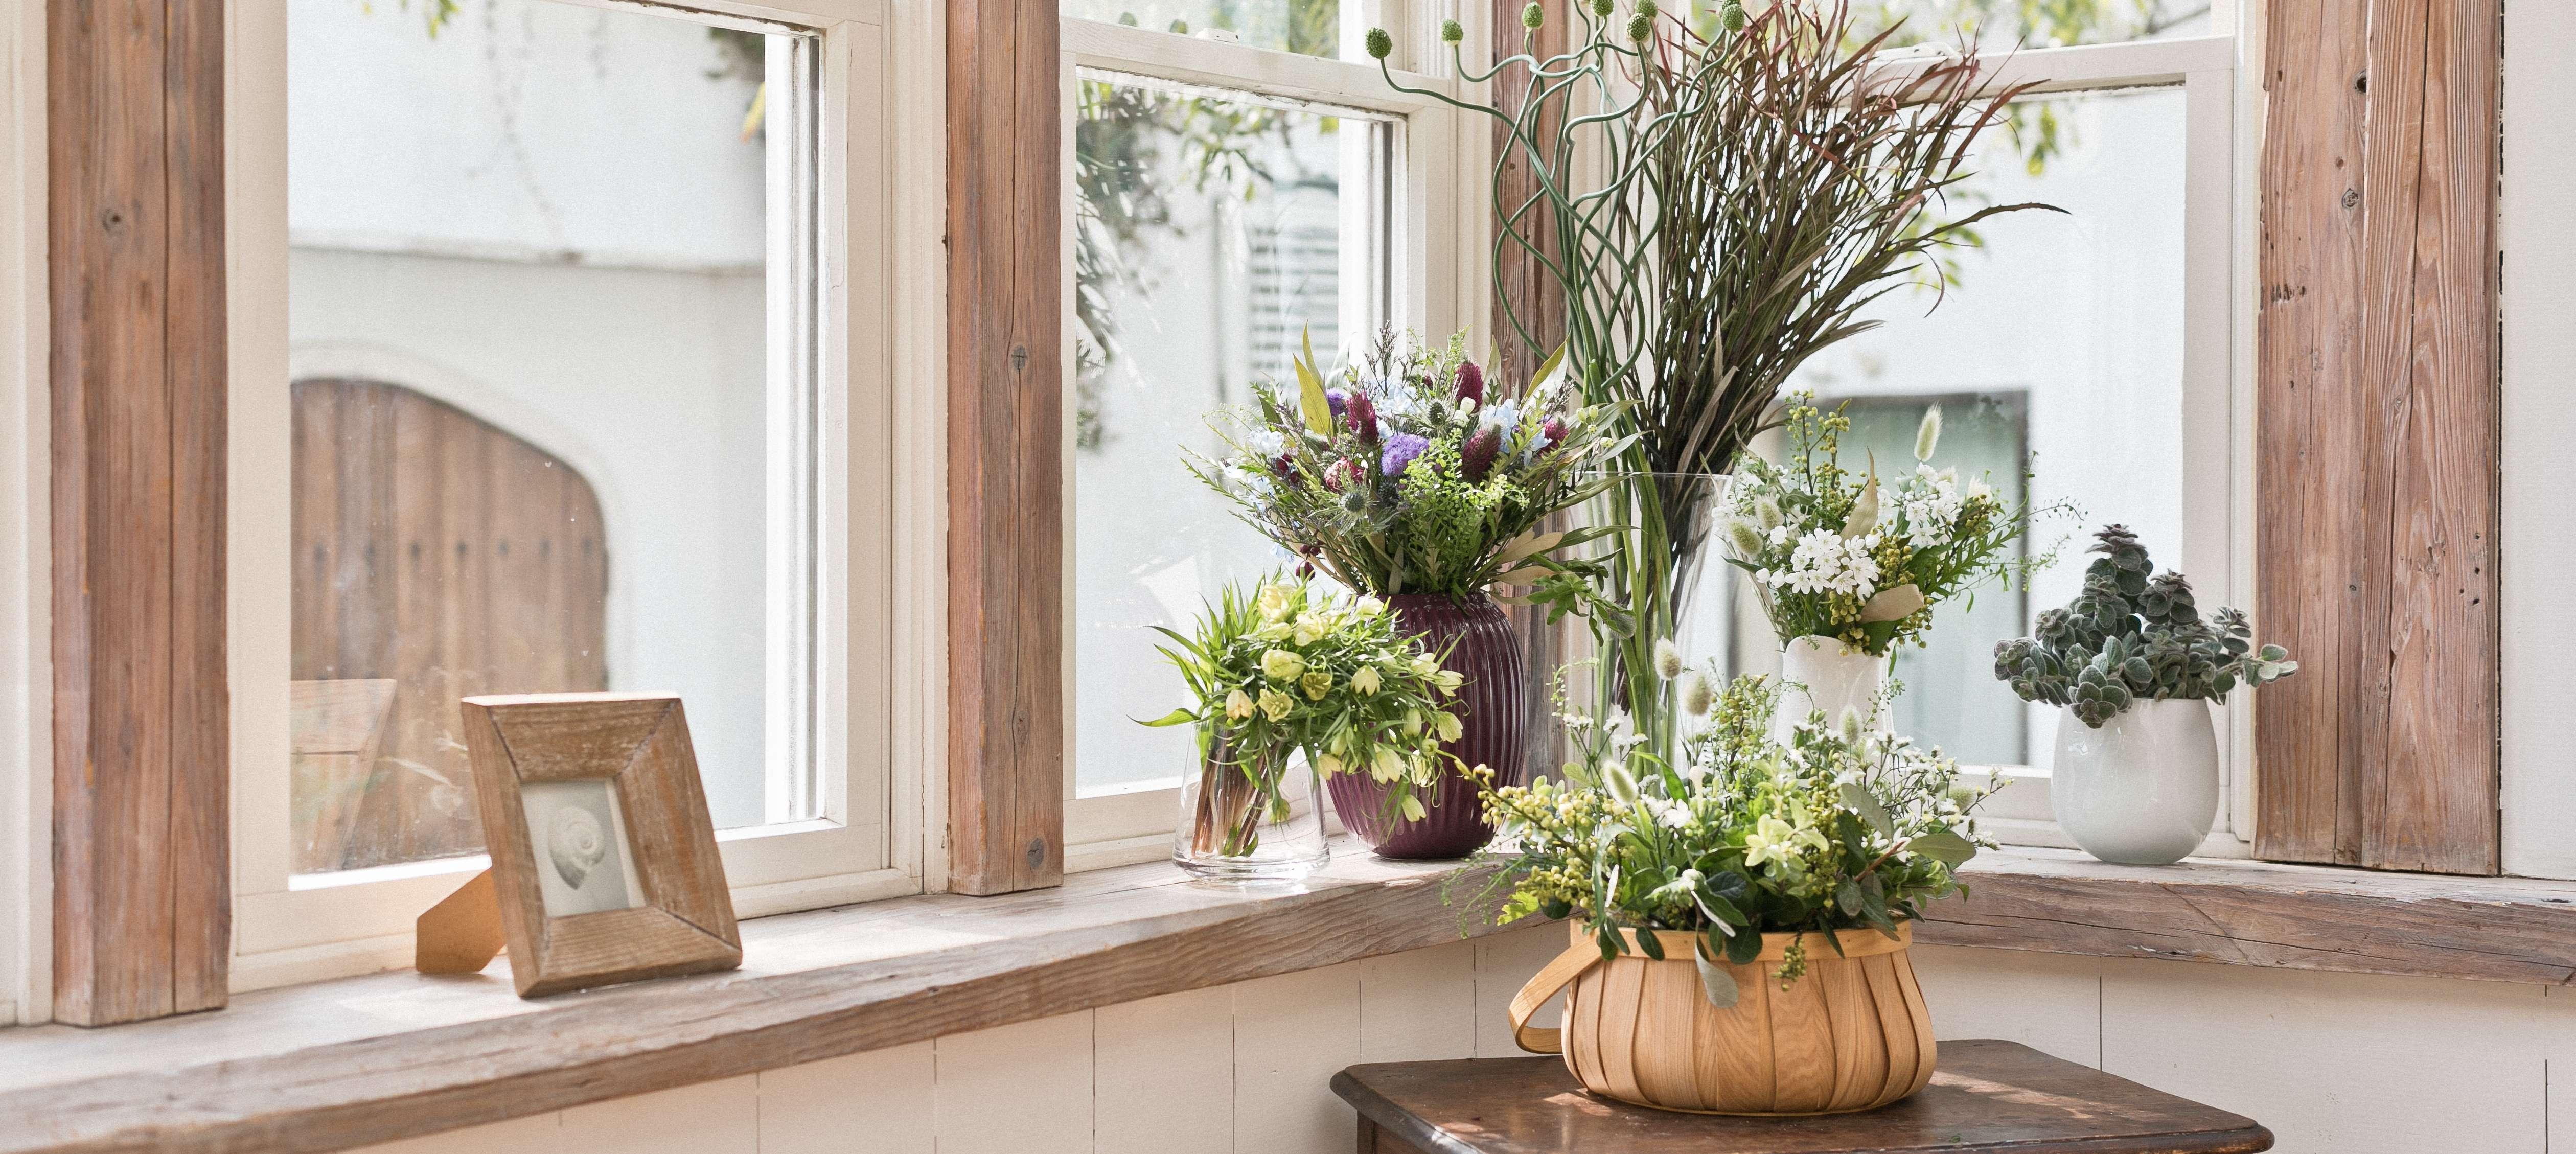 草花系 - 国内最大級の胡蝶蘭・観葉植物通販サイト